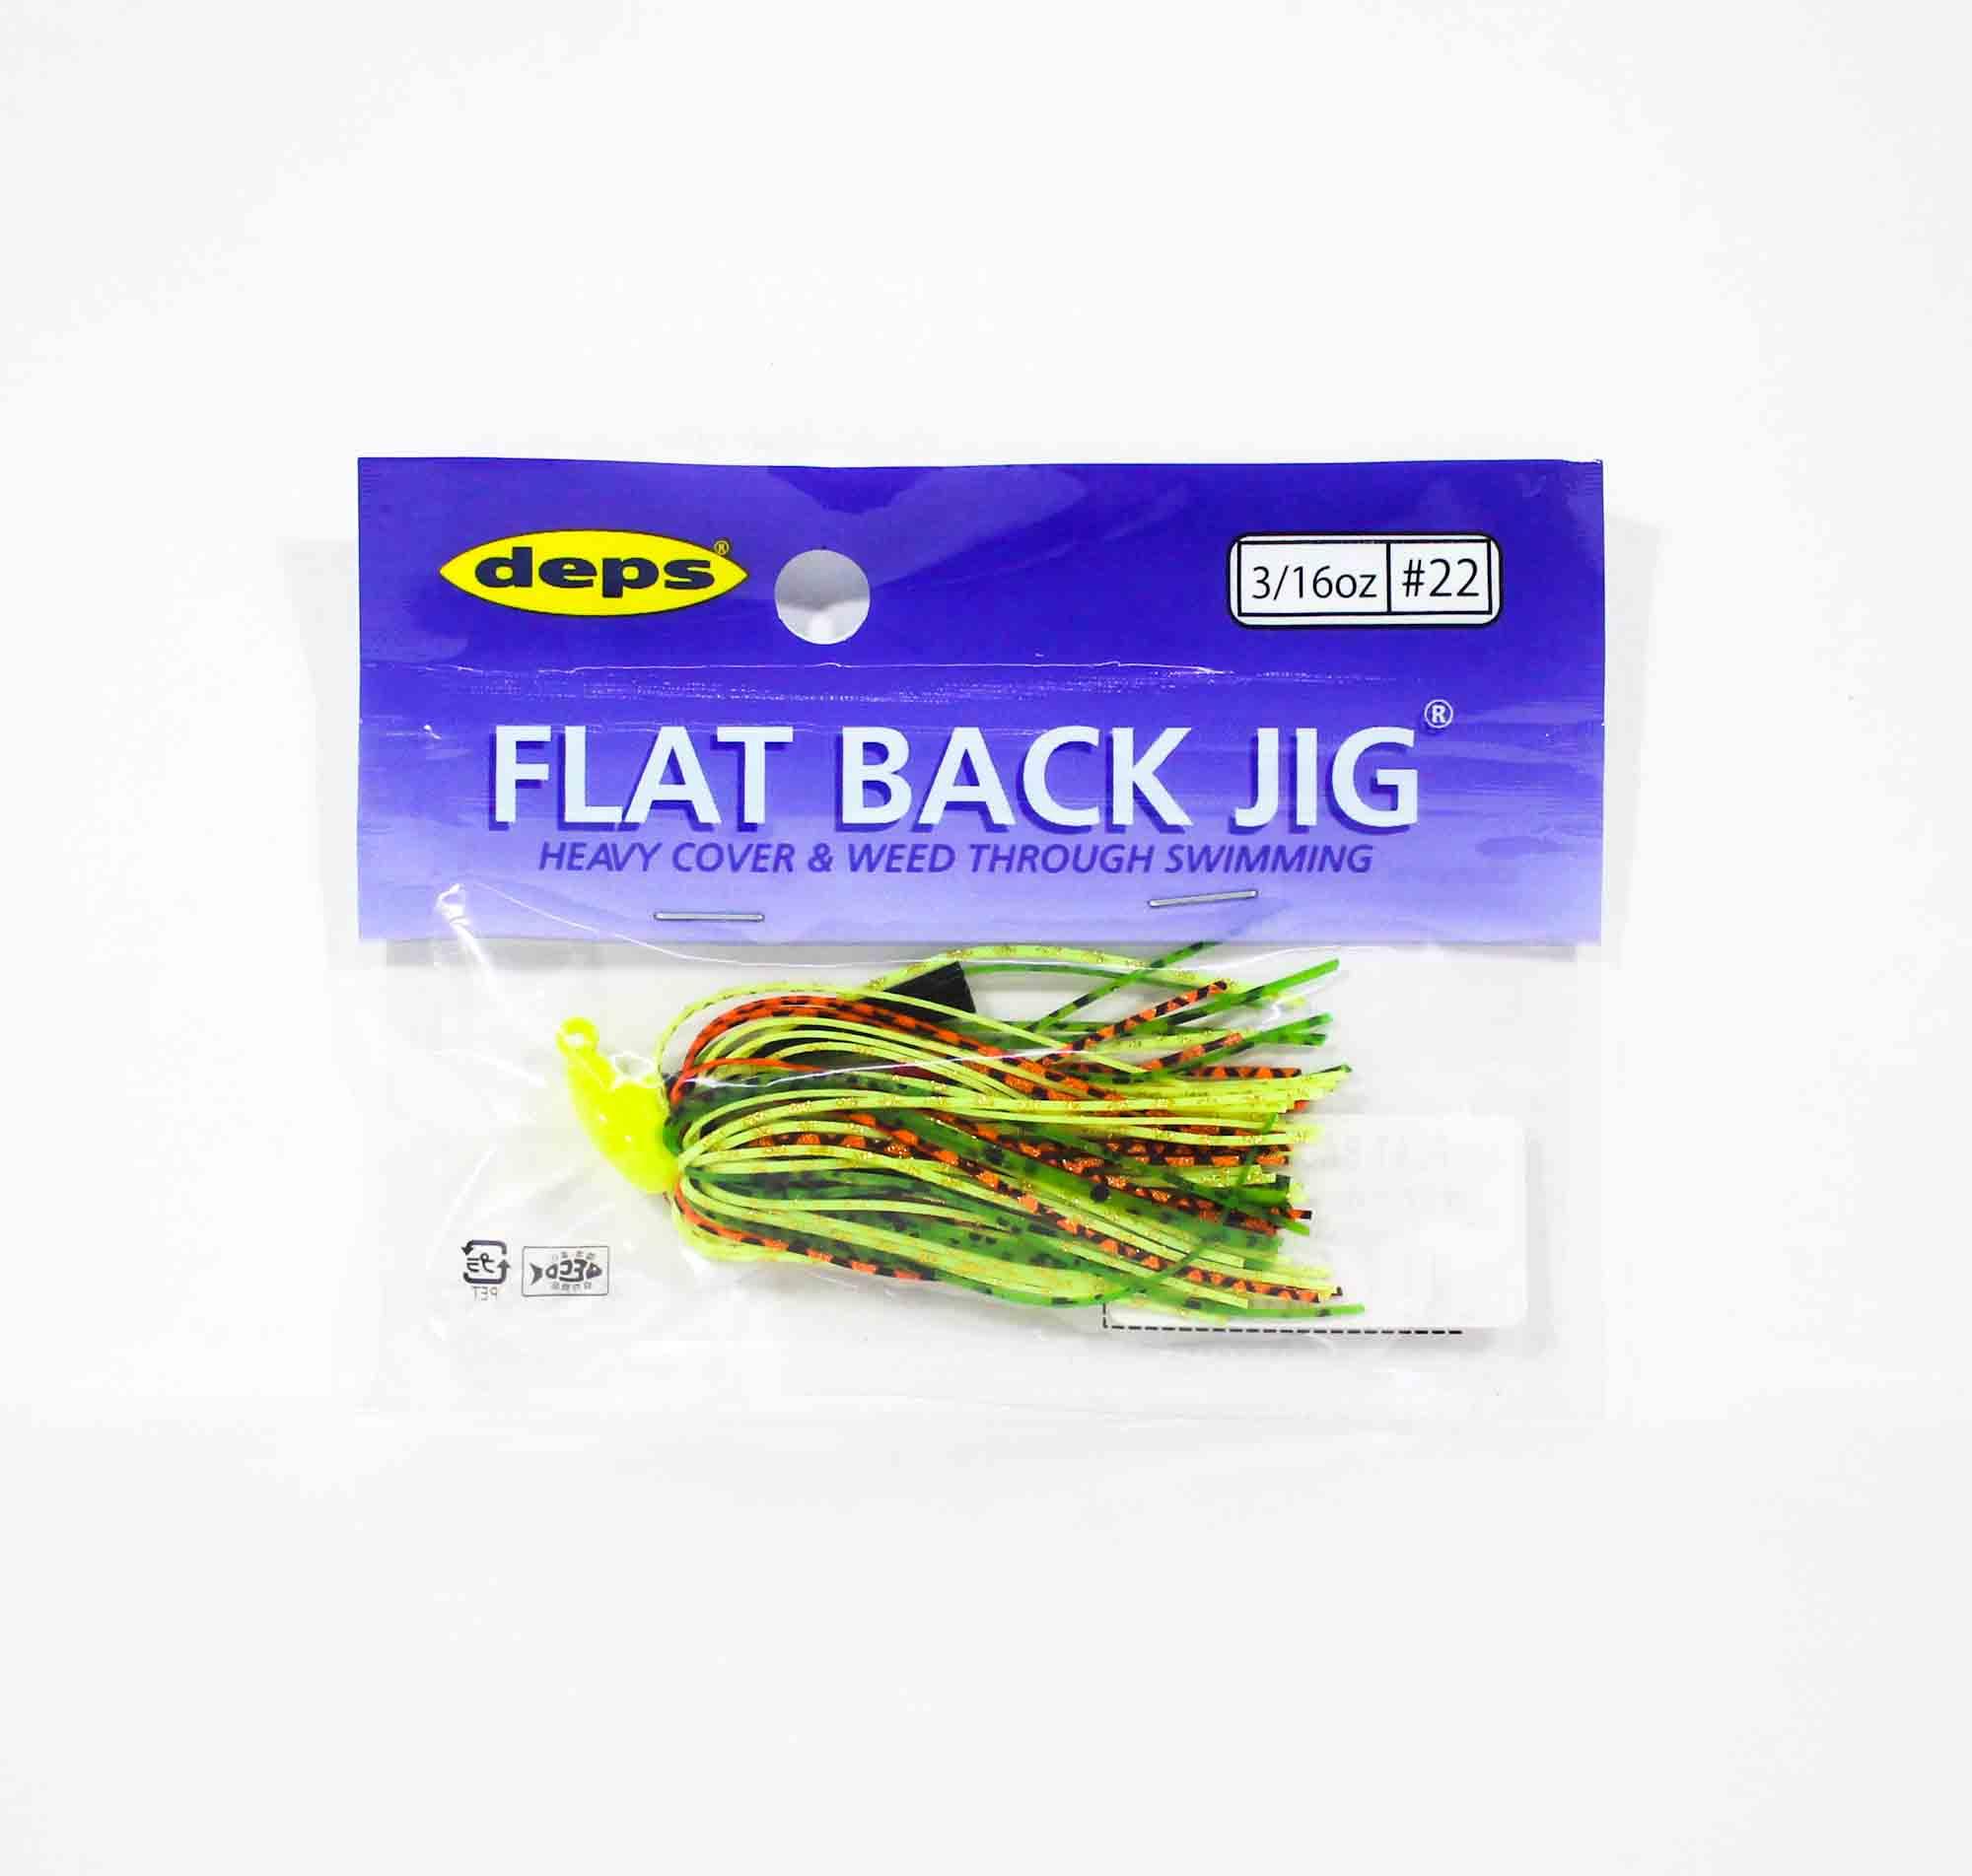 Deps Flat Back Jig Rubber 3/16 oz 22 (5220)